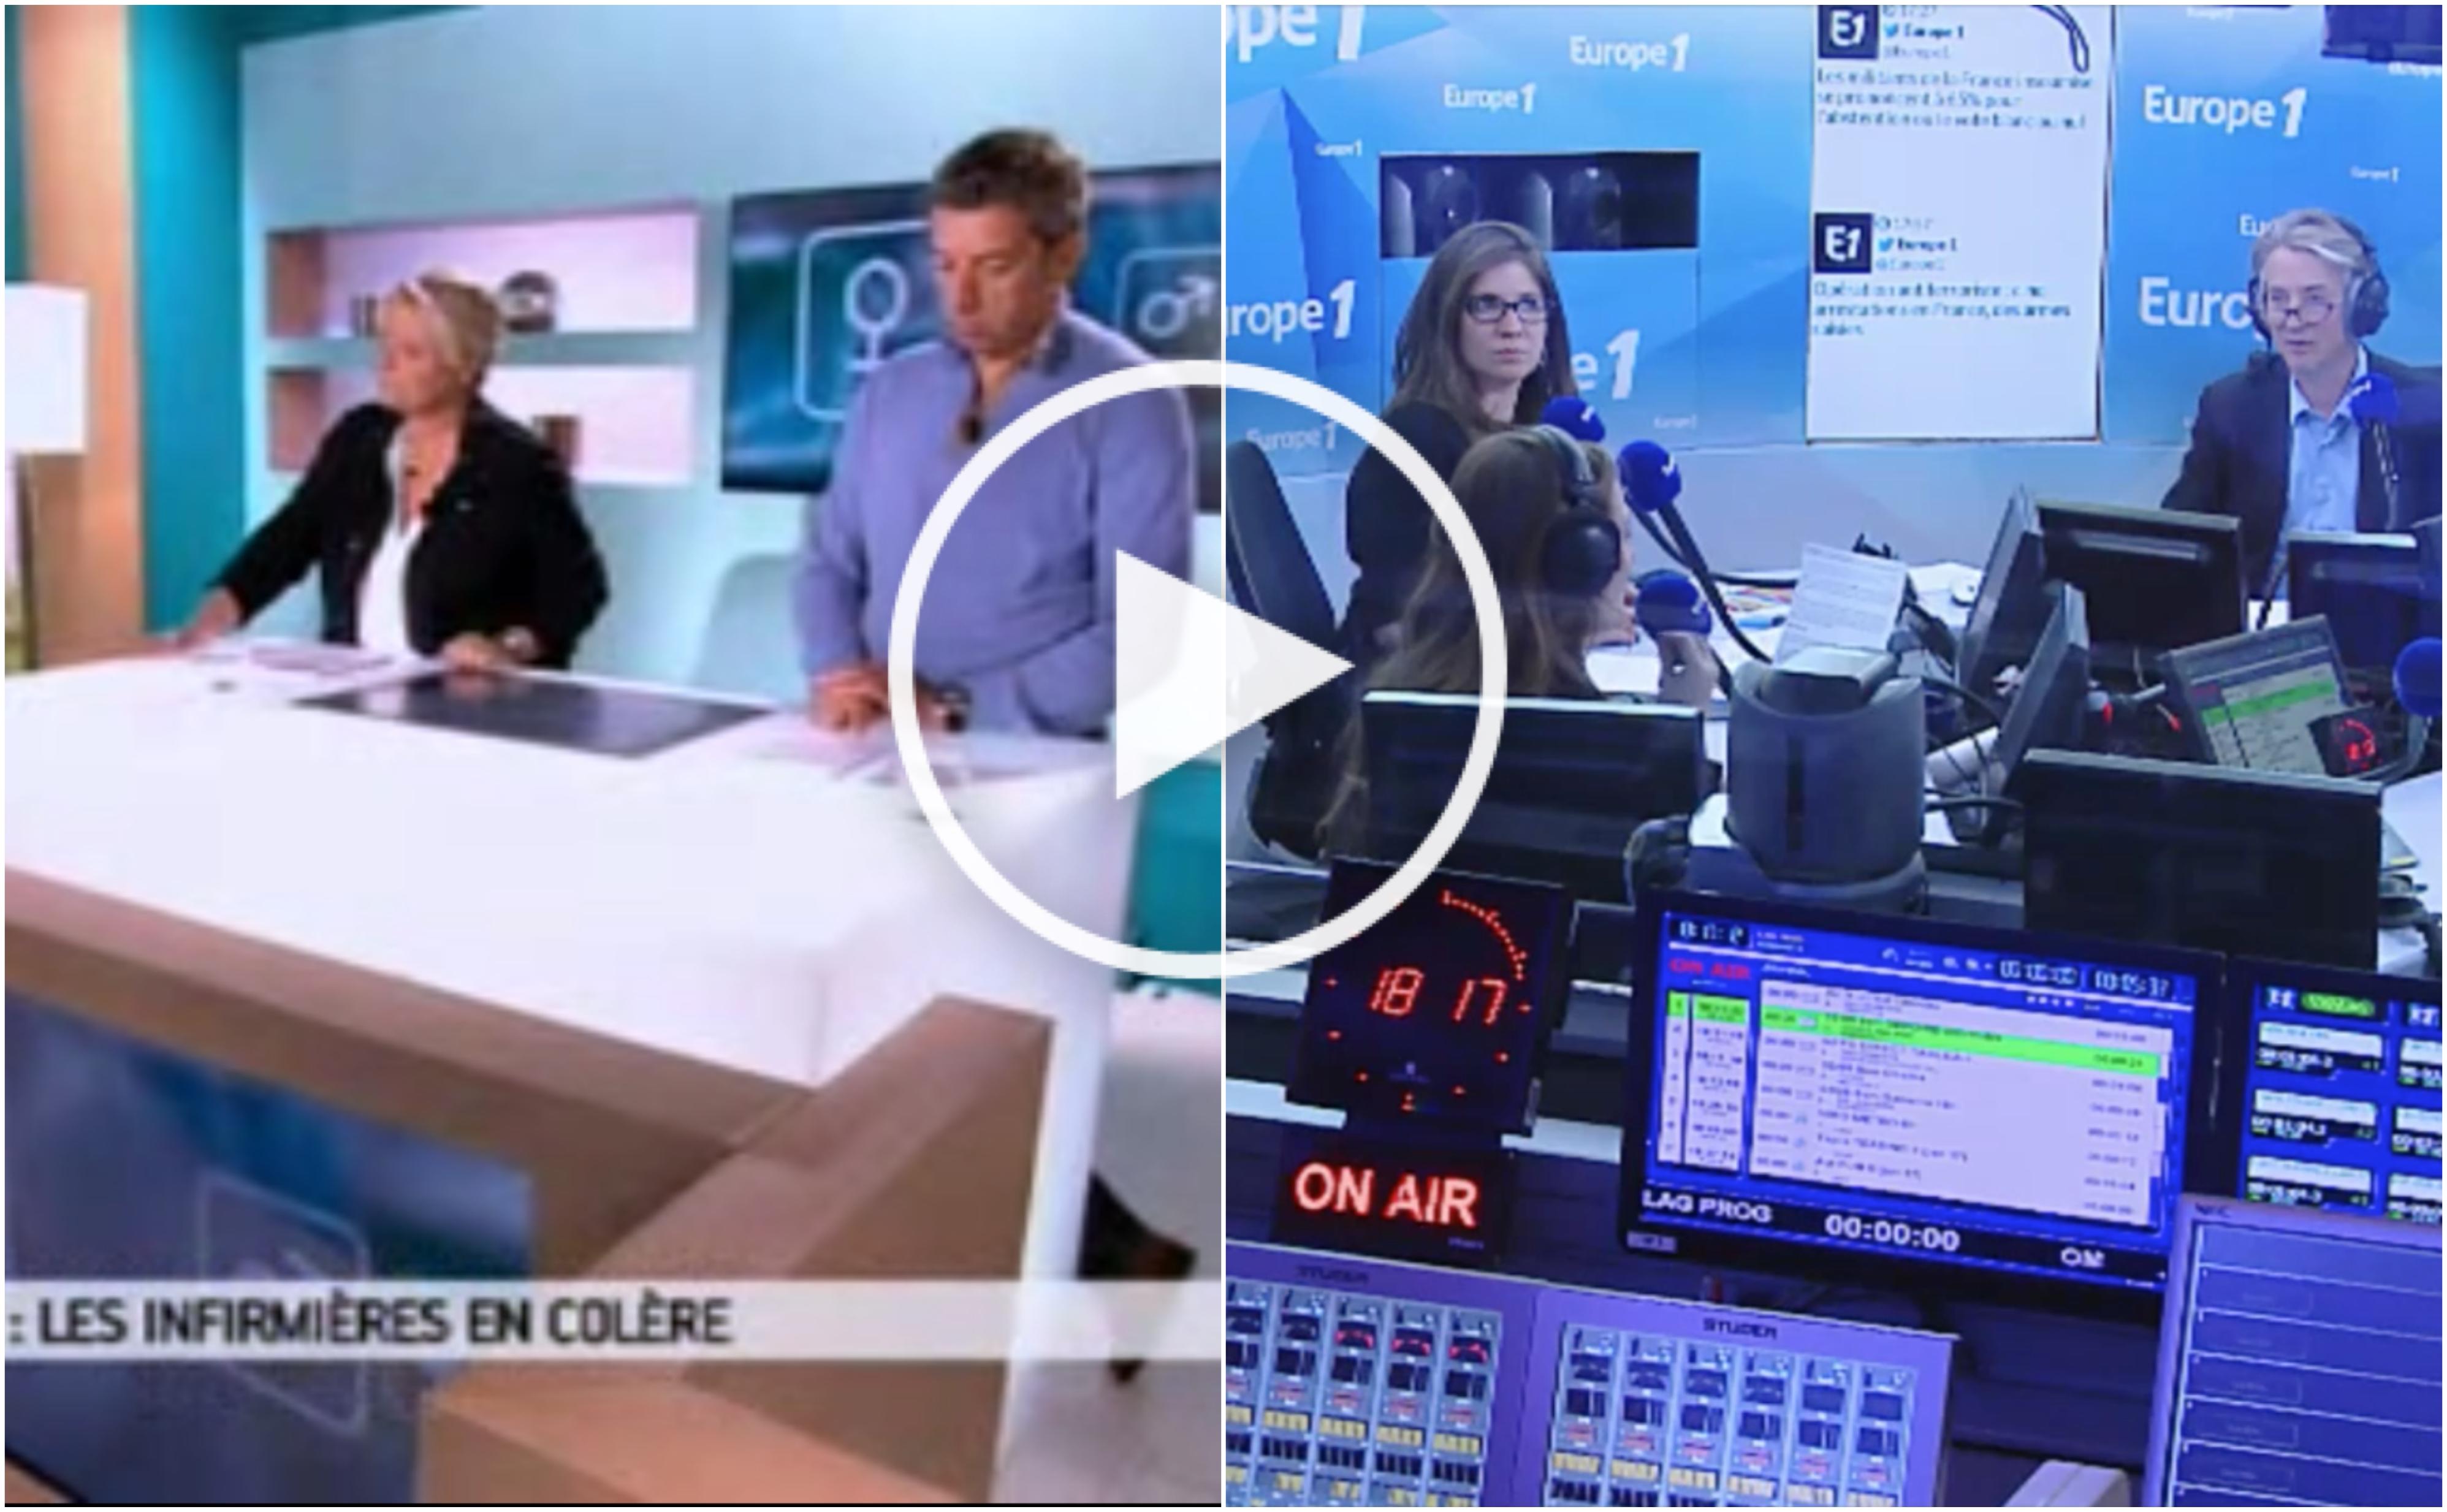 Prime de nuit des infirmières - l'analyse d'Europe 1 et de France Info